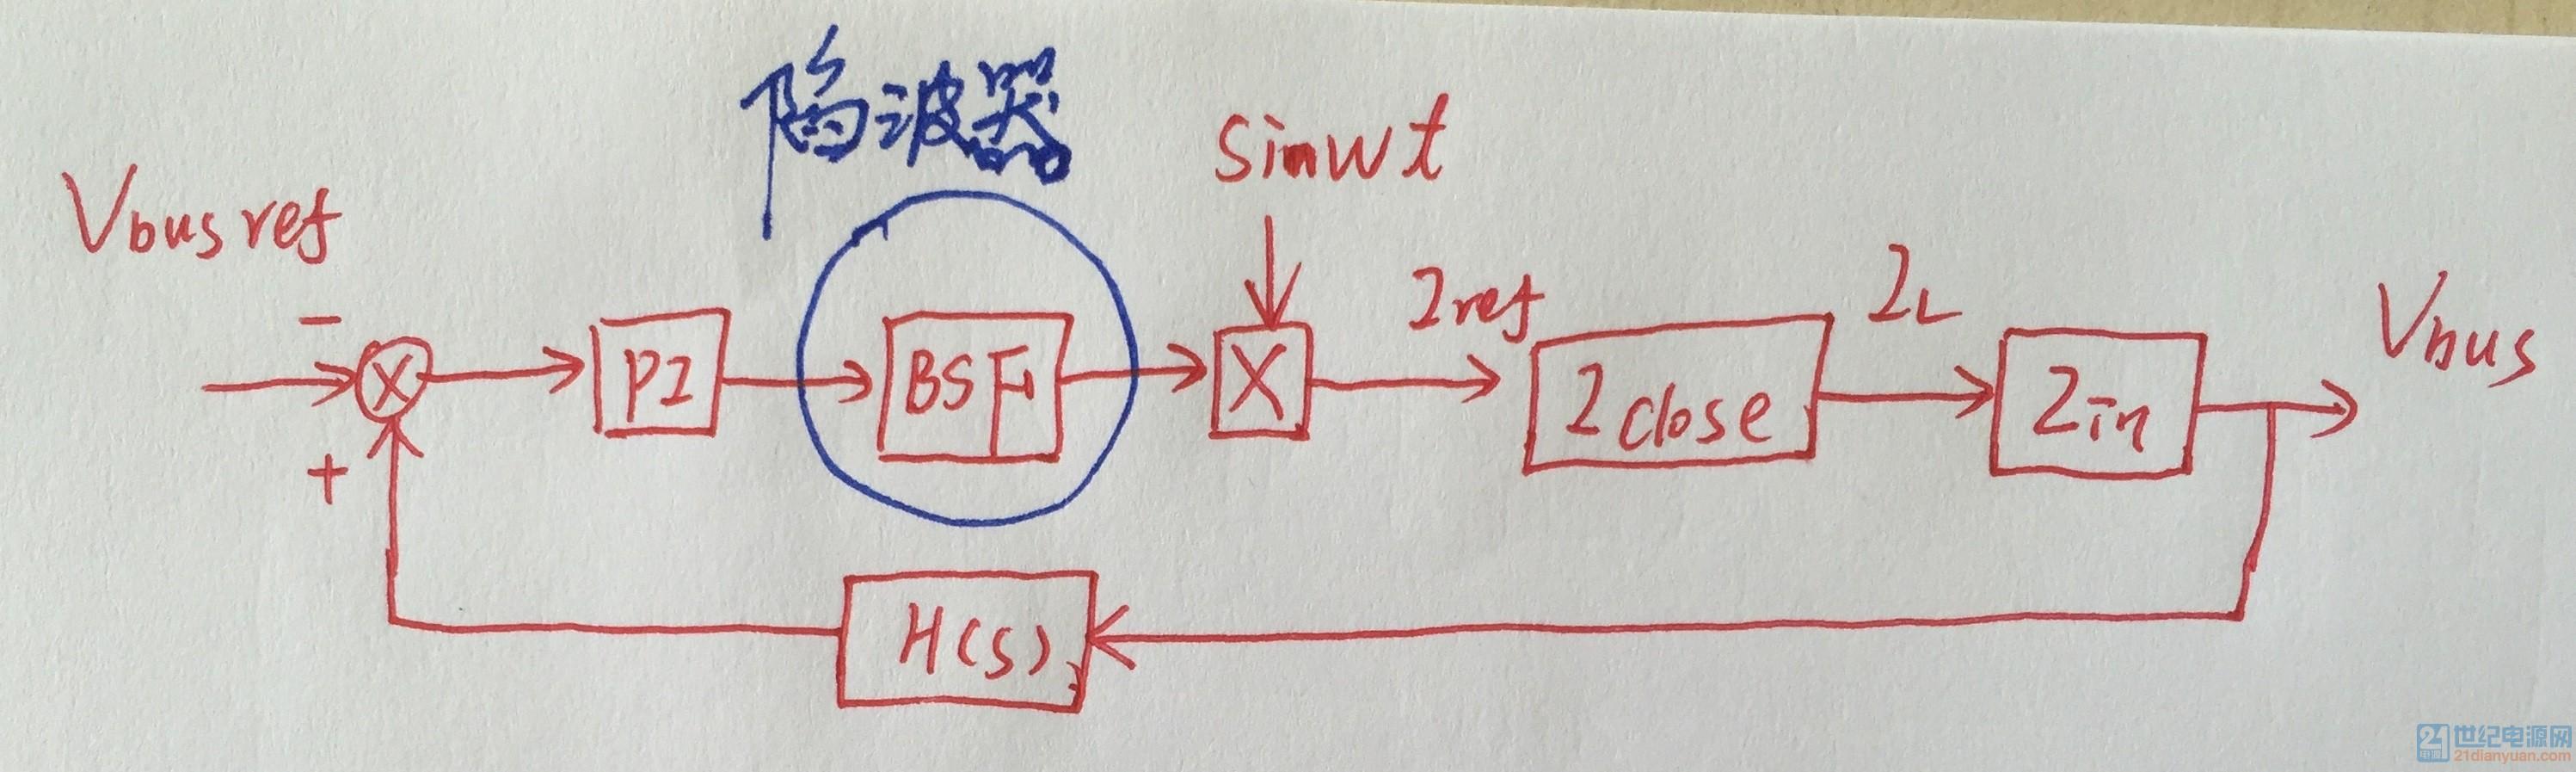 加入带阻滤波器的控制框图.jpg